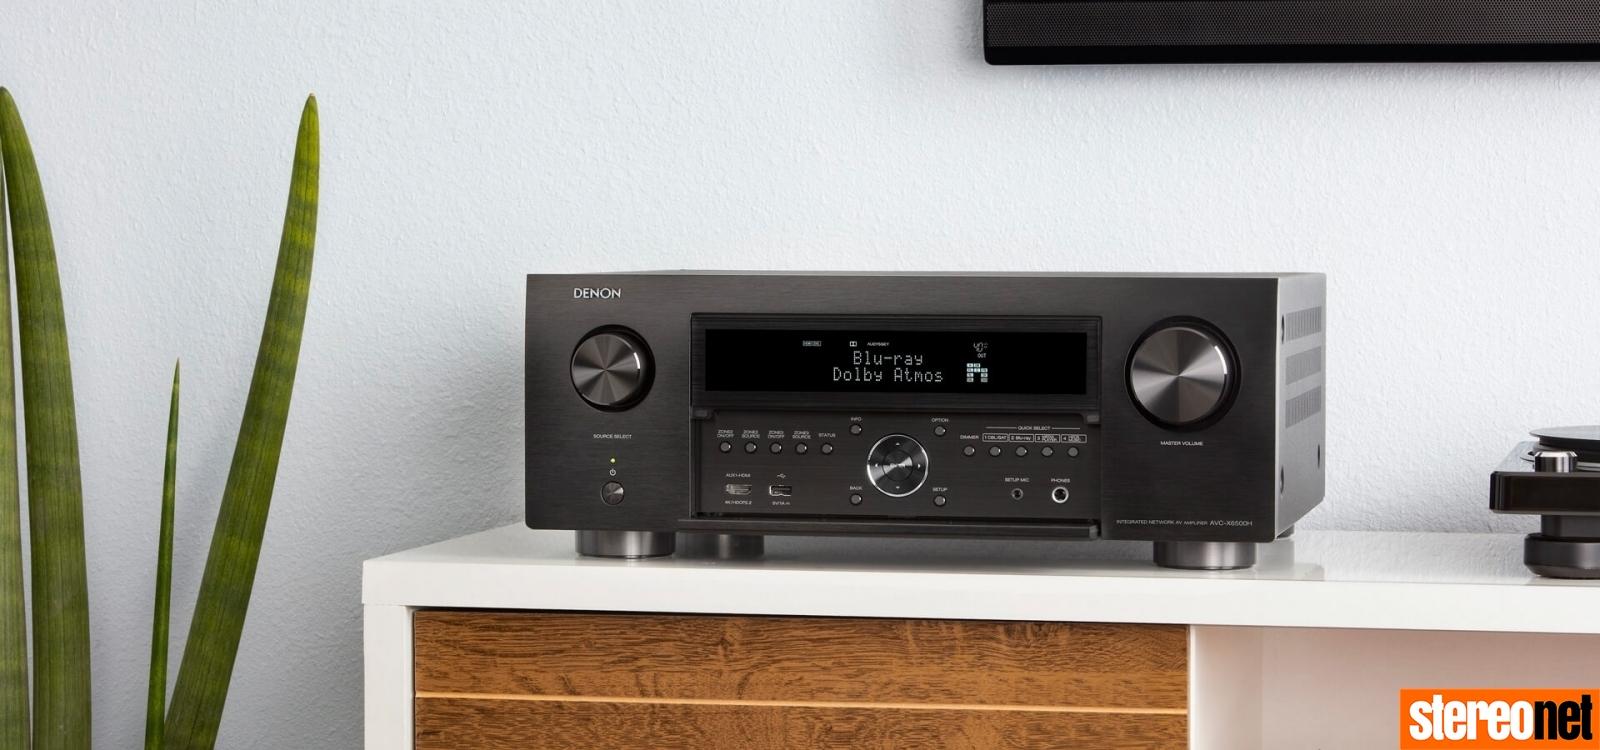 Denon AVC-X6500H Review